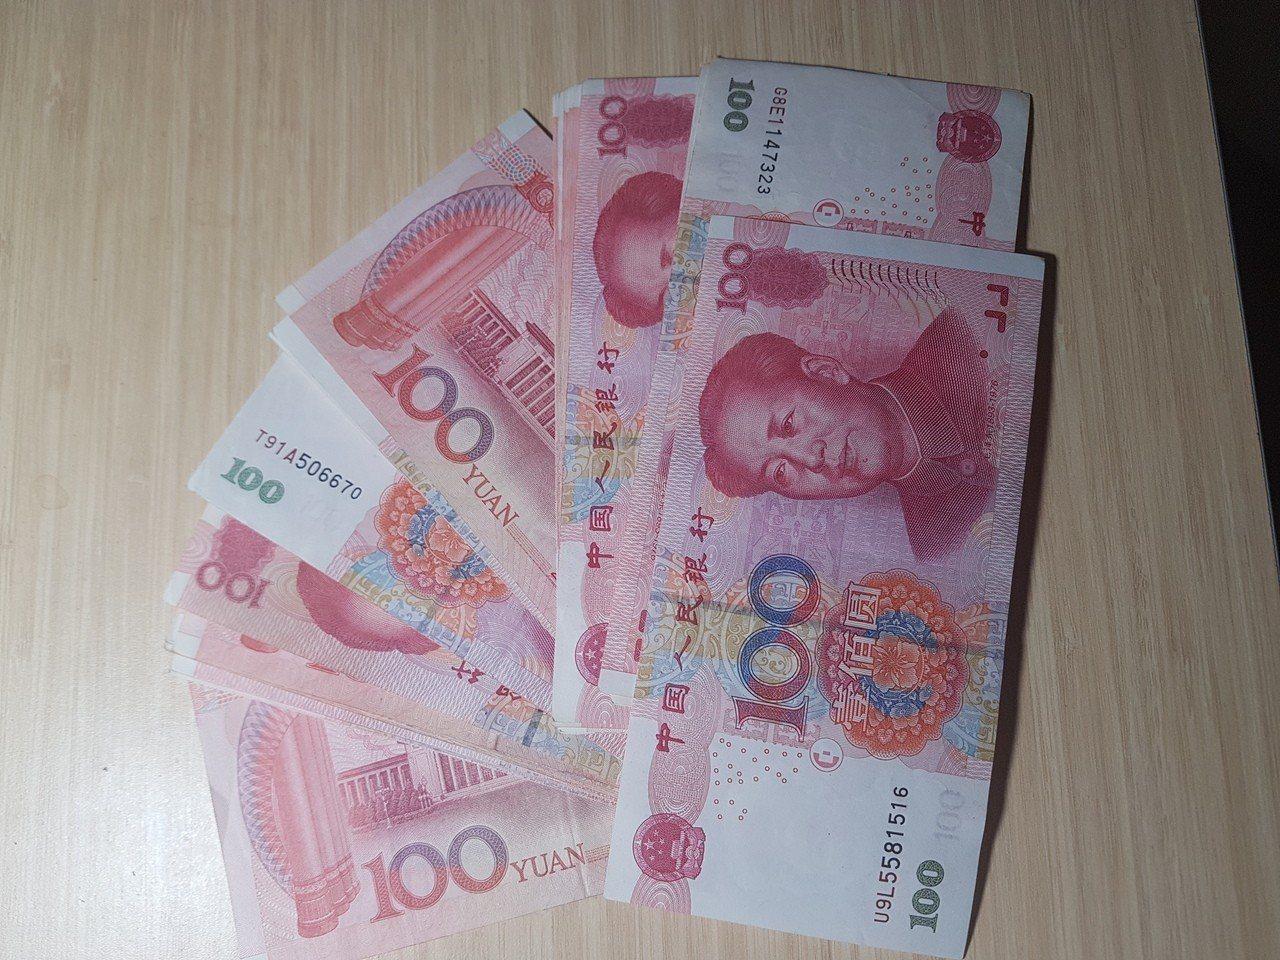 金管會統計,今年前7月投資型人民幣保單進帳56.59億人民幣,較去年同期的4.7...